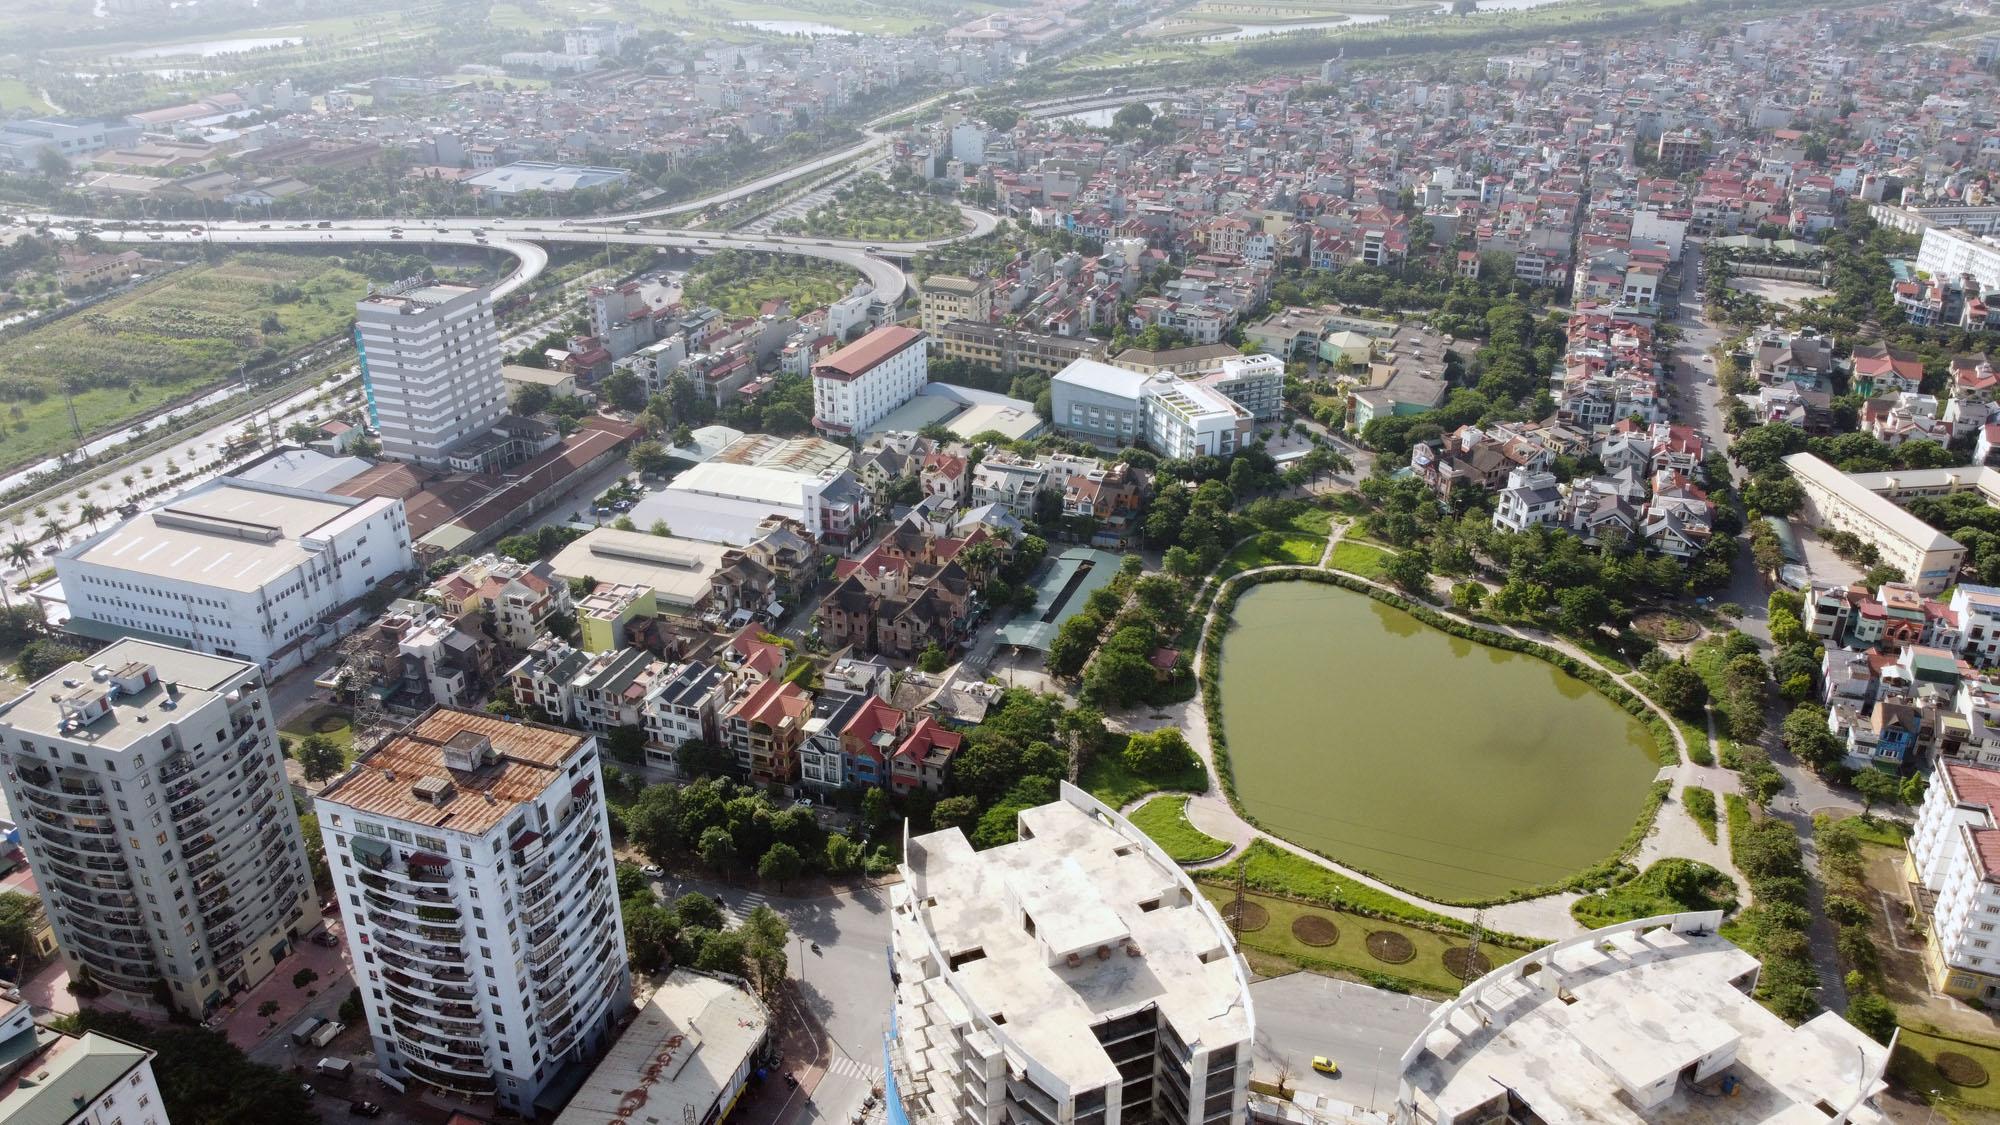 Dự án Le Grand Jardin đang mở bán: Nằm gần hai tuyến metro, giá 26 - 29 triệu đồng/m2 - Ảnh 16.